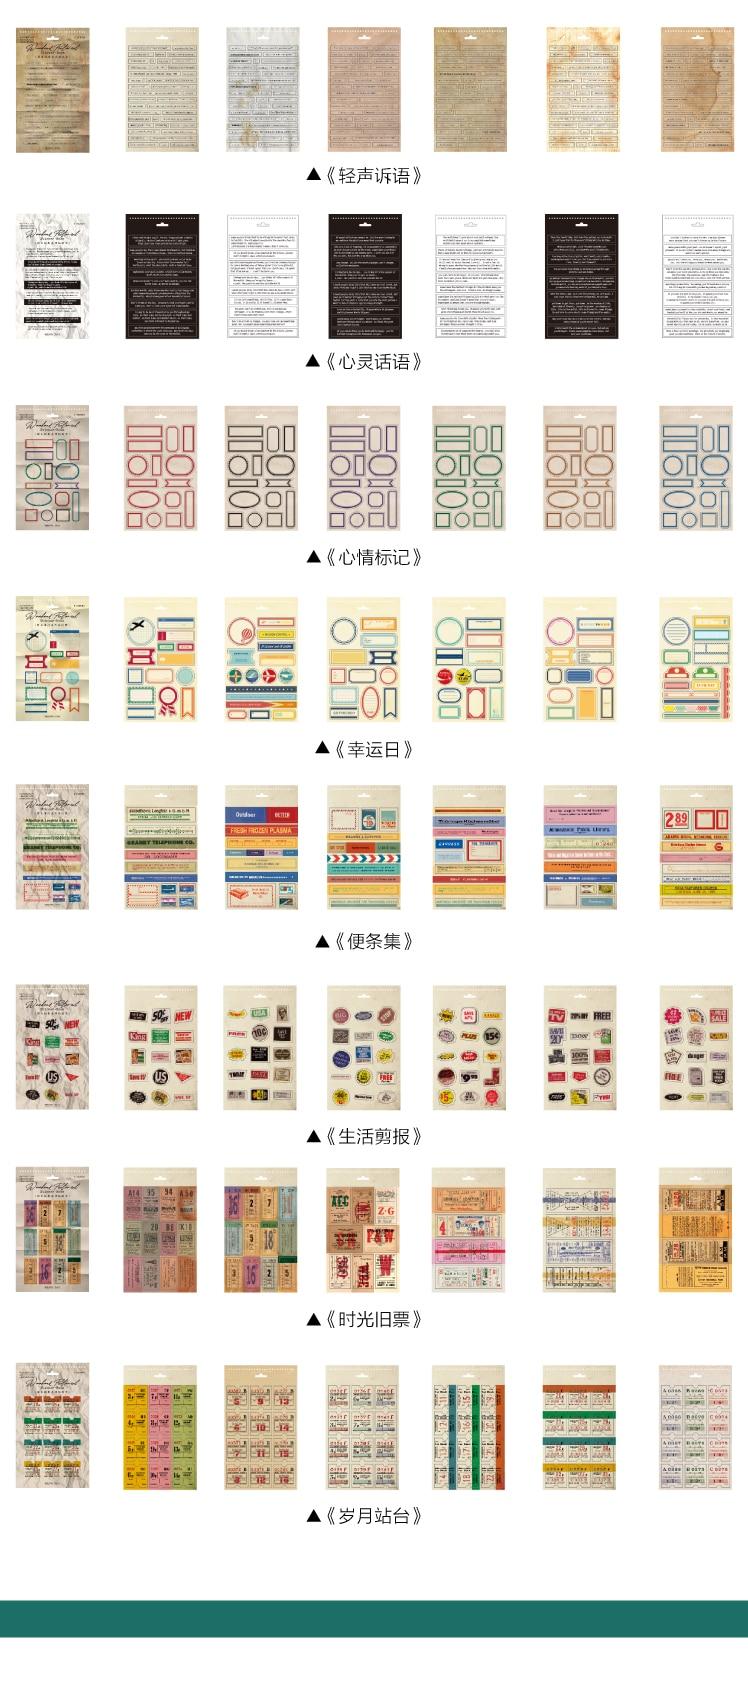 série papelaria adesivo criativo decoração diy papel adesivo